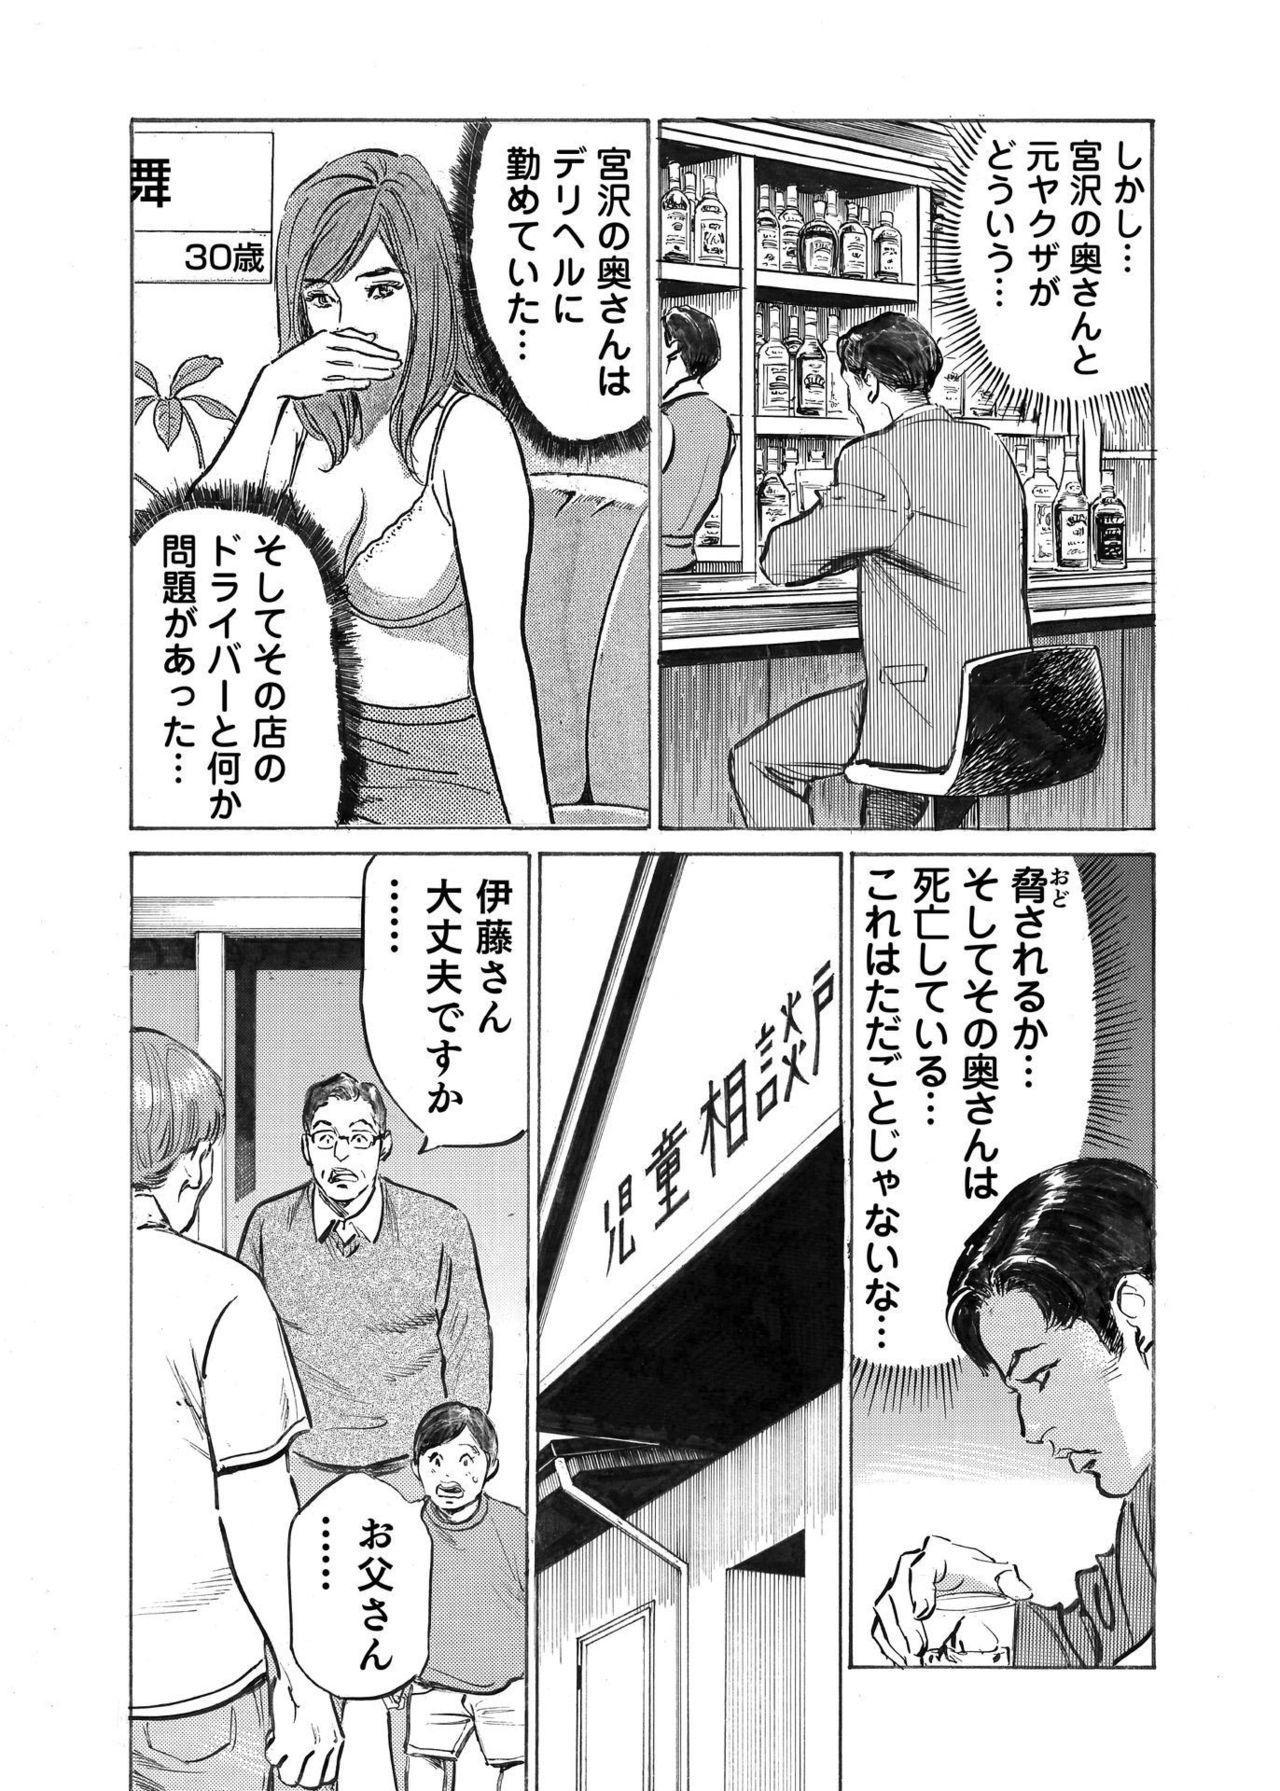 Ore wa Tsuma no Koto o Yoku Shiranai 1-9 228